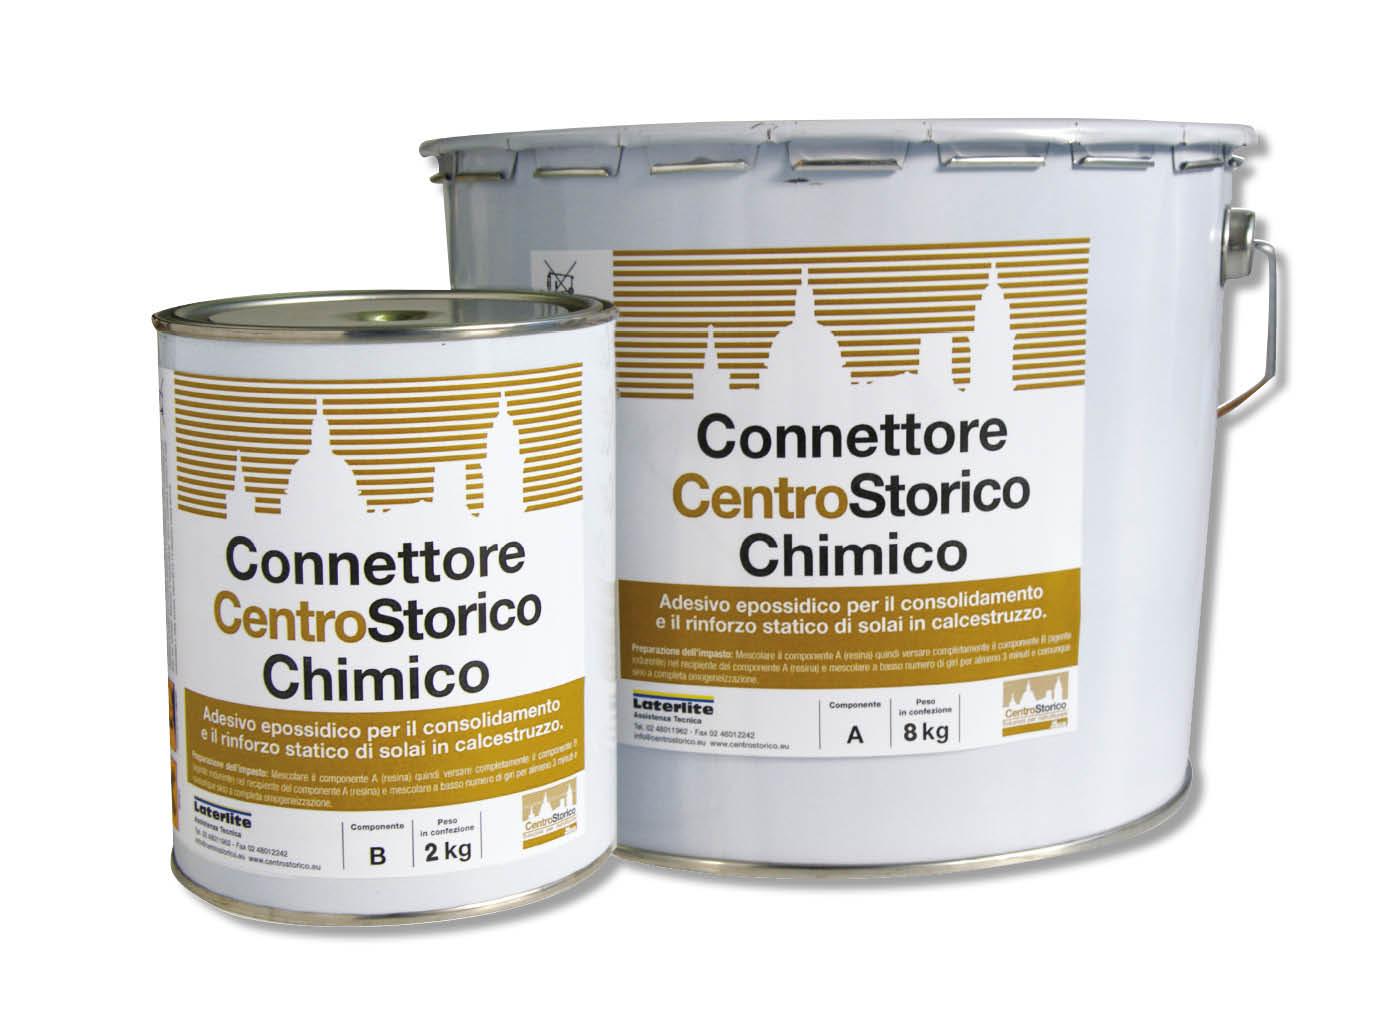 connettore-centrostorico-chimico-bicomponente-latta-P33-1